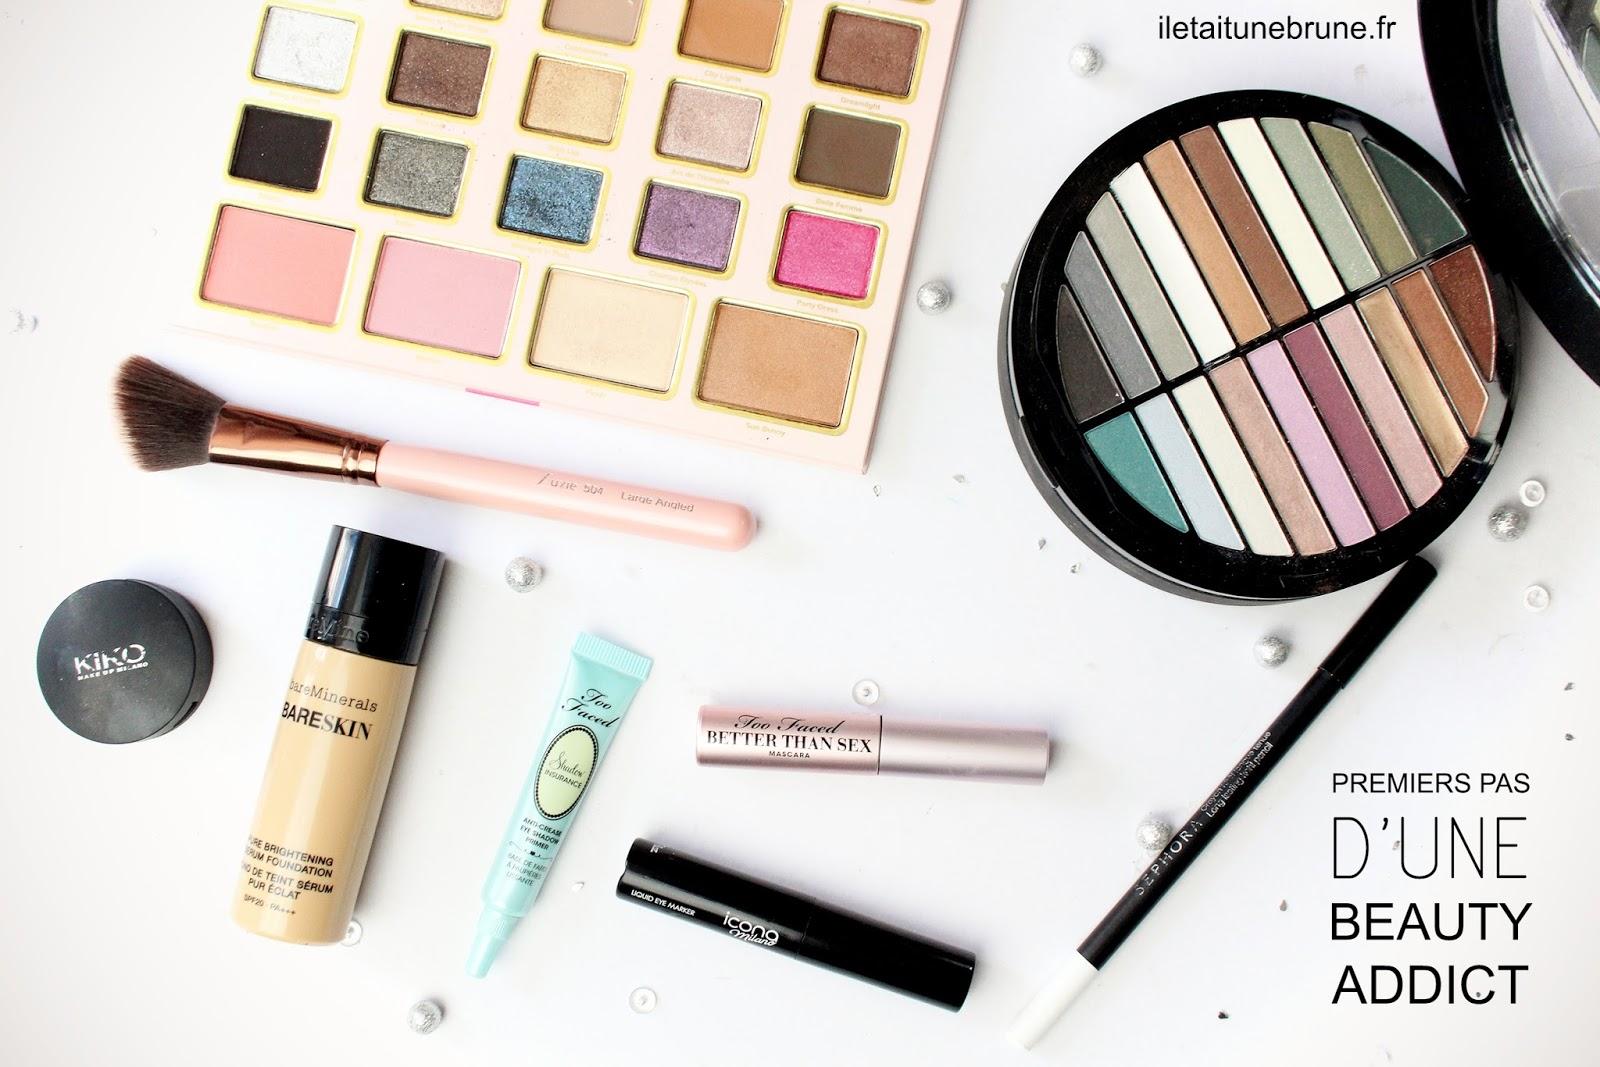 Tag premiers pas d'une beauty addict